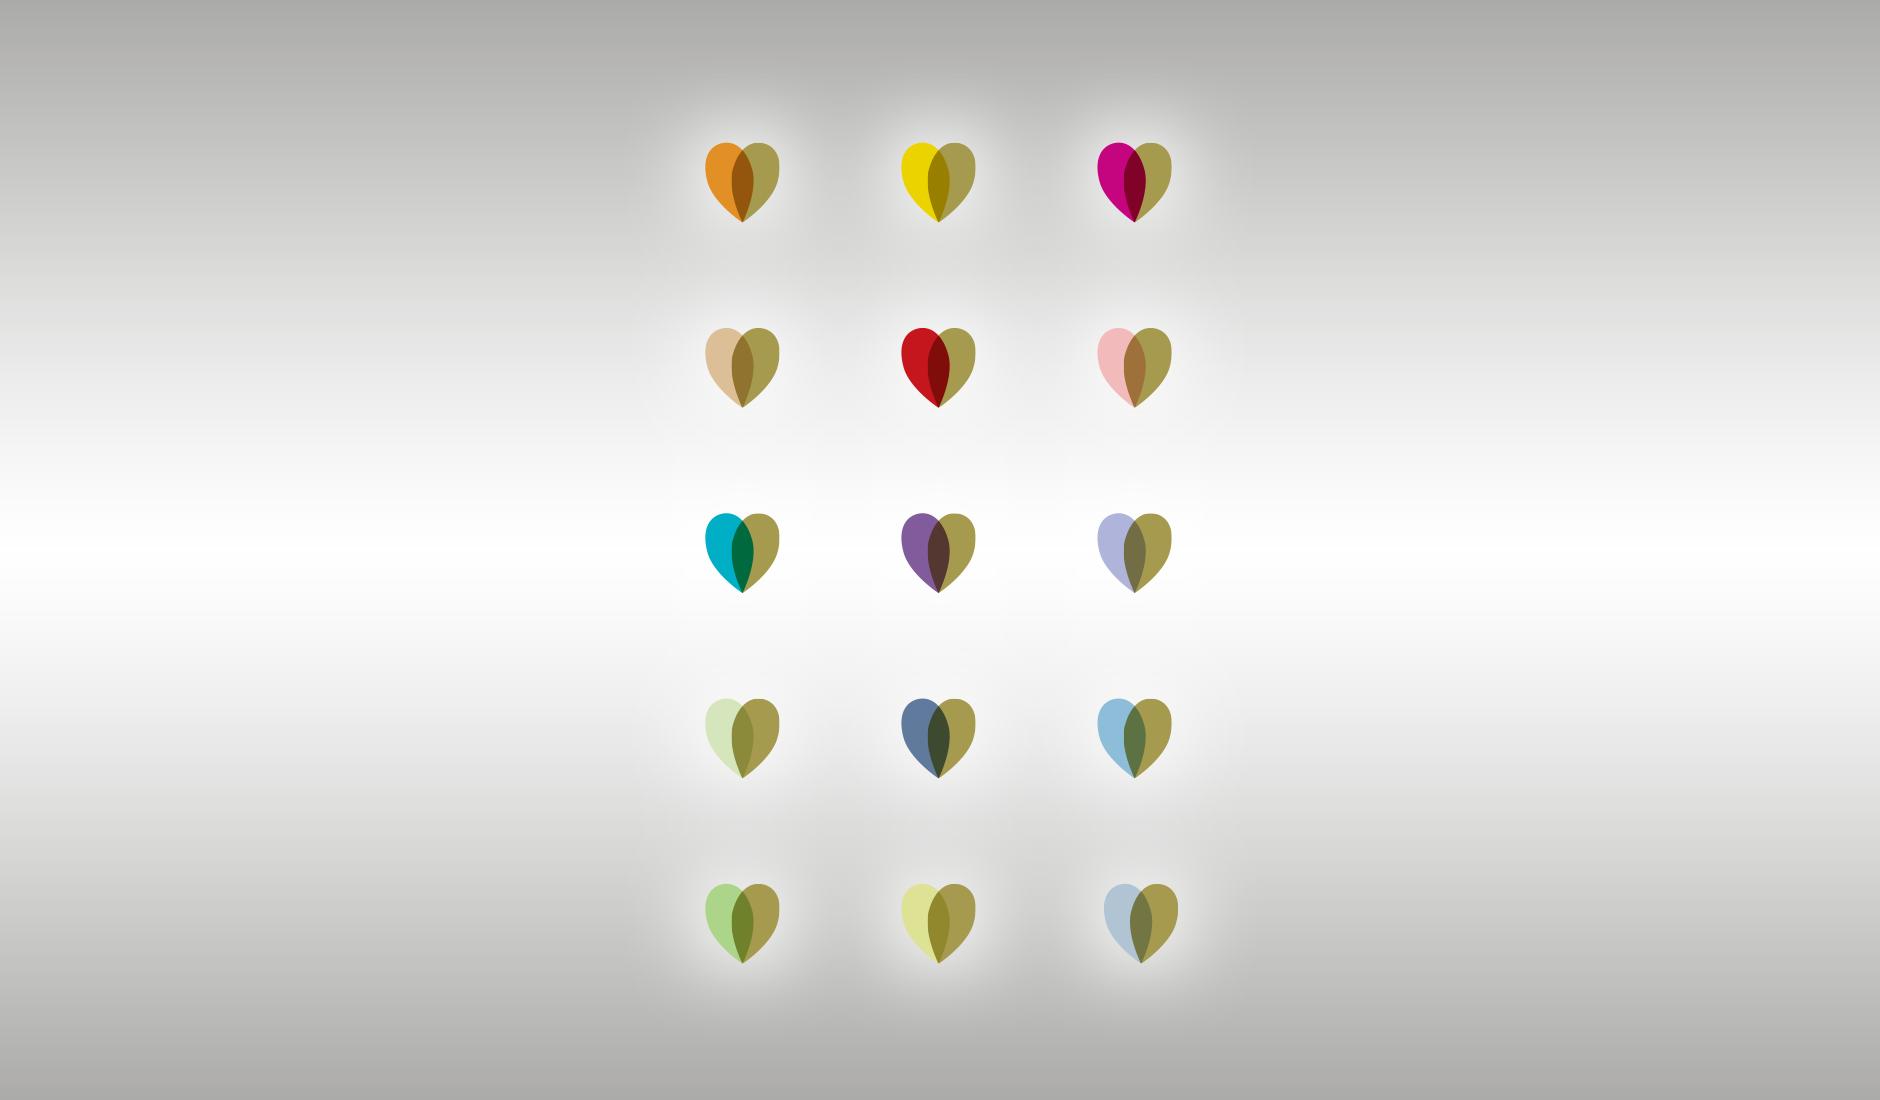 Hartjes in verschillende kleurcombinaties. De hartjes zijn herkenbare elementen in illustraties die voor de website ontworpen zijn.